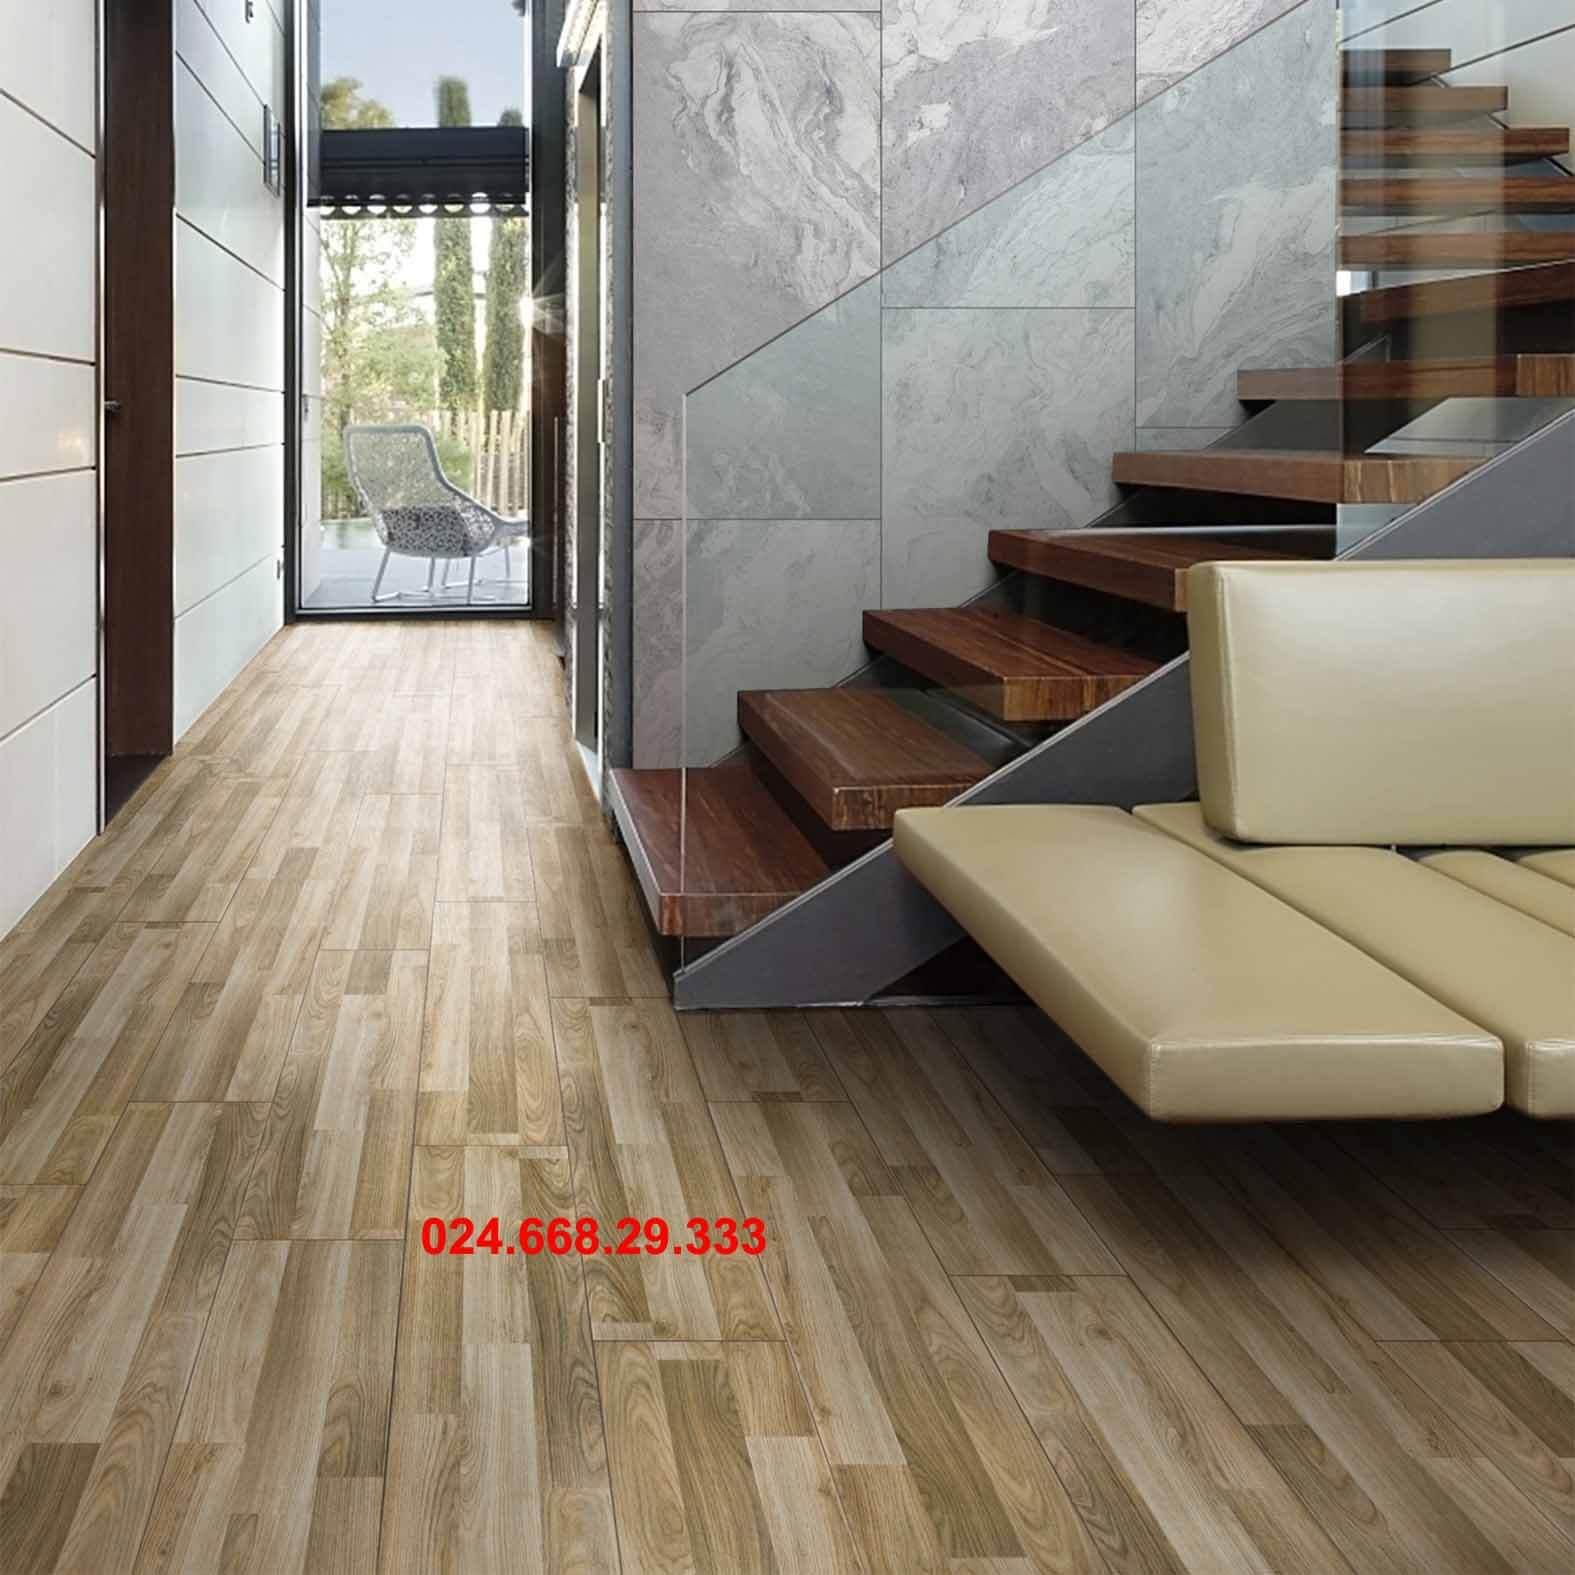 gạch giả gỗ 20x100-mã 2021 lát hành lang phòng chờ